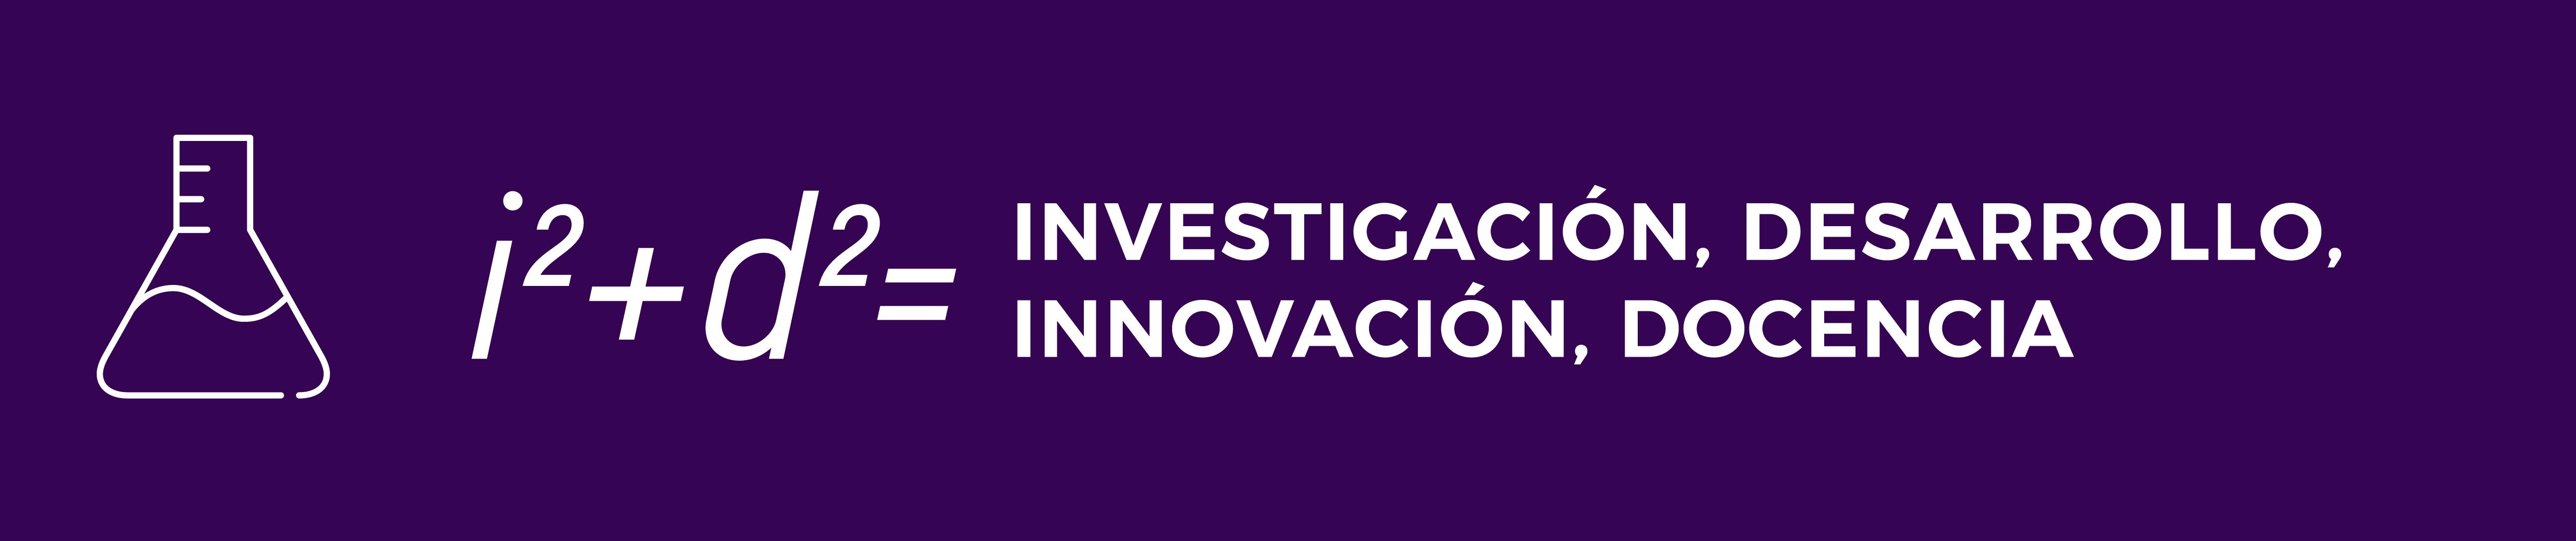 Investigación desarrollo innovación docencia